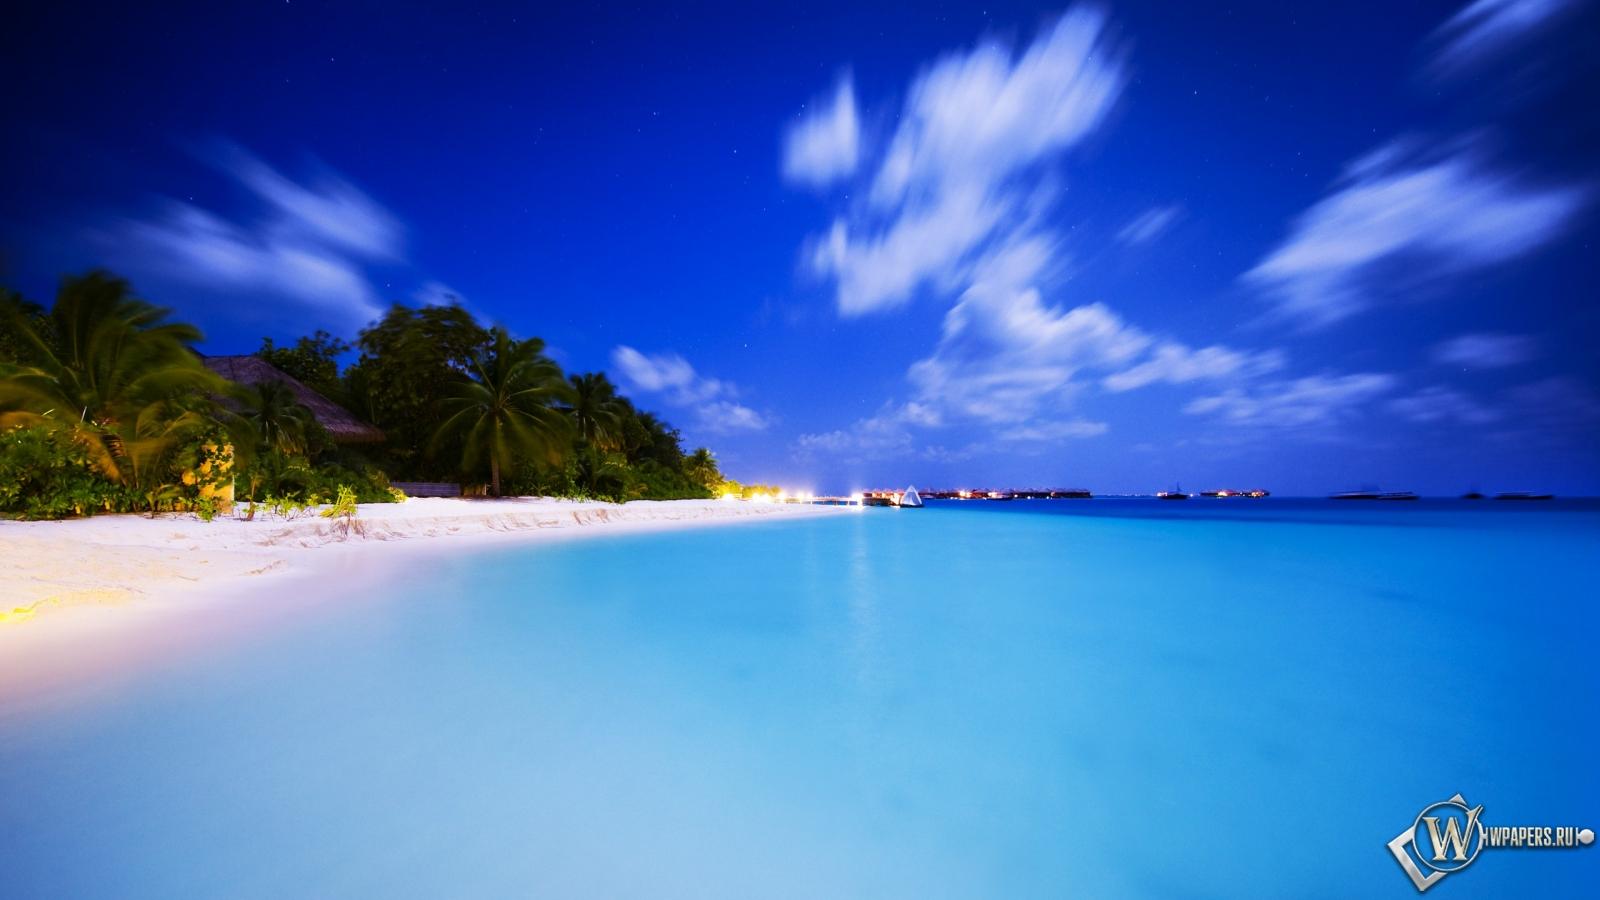 Мальдивы 1600x900